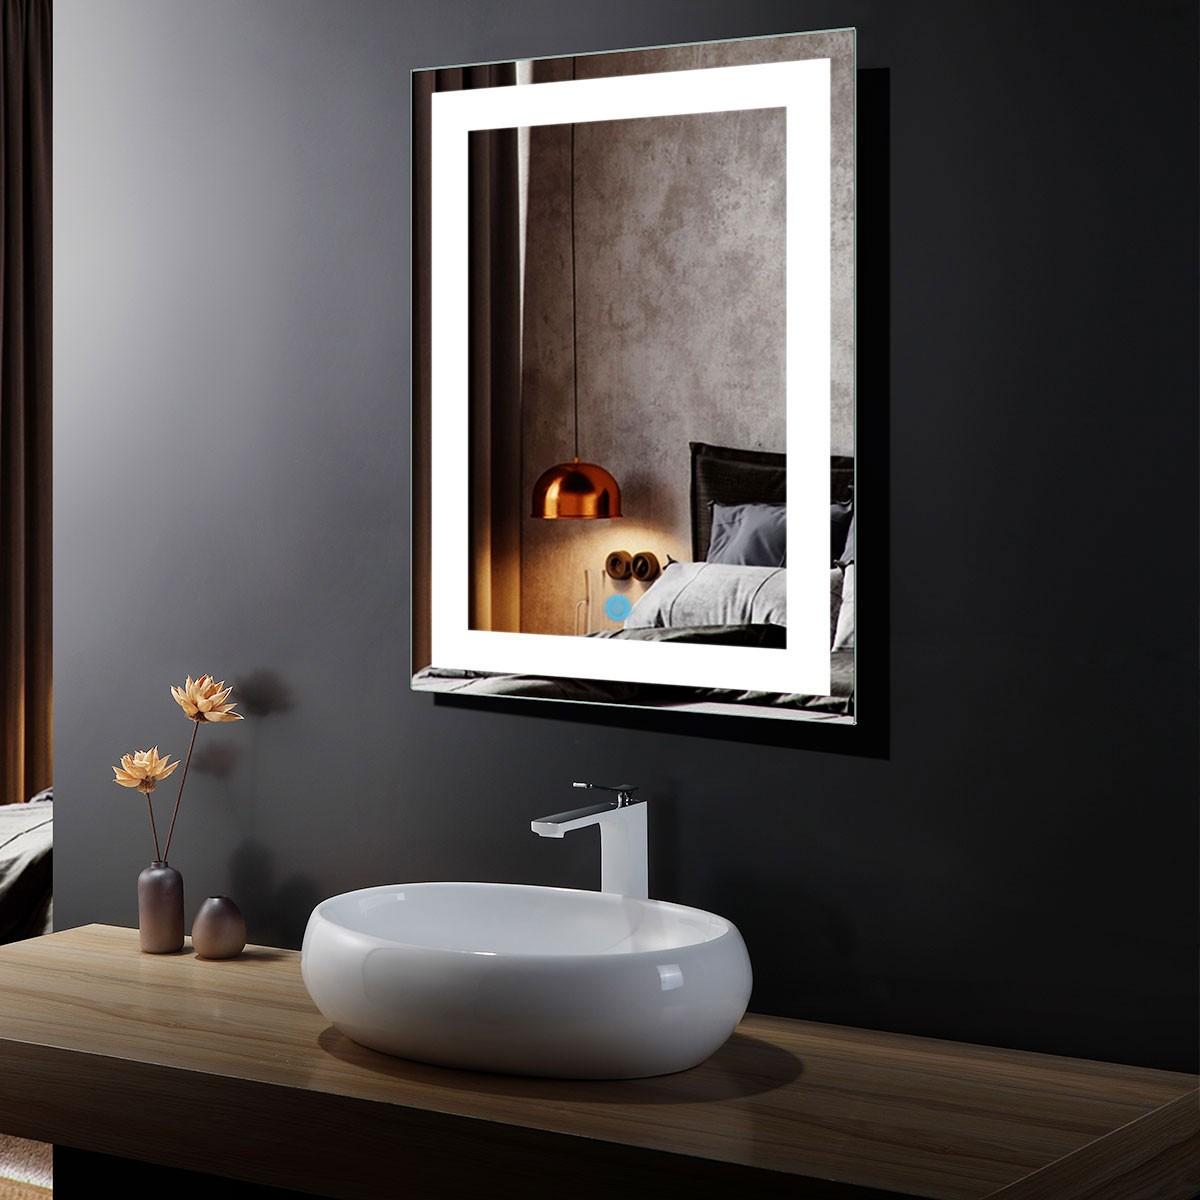 24 x 32 po Miroir Vertical LED Salle de Bains avec Interrupteur Tactile (DK-OD-CK010)